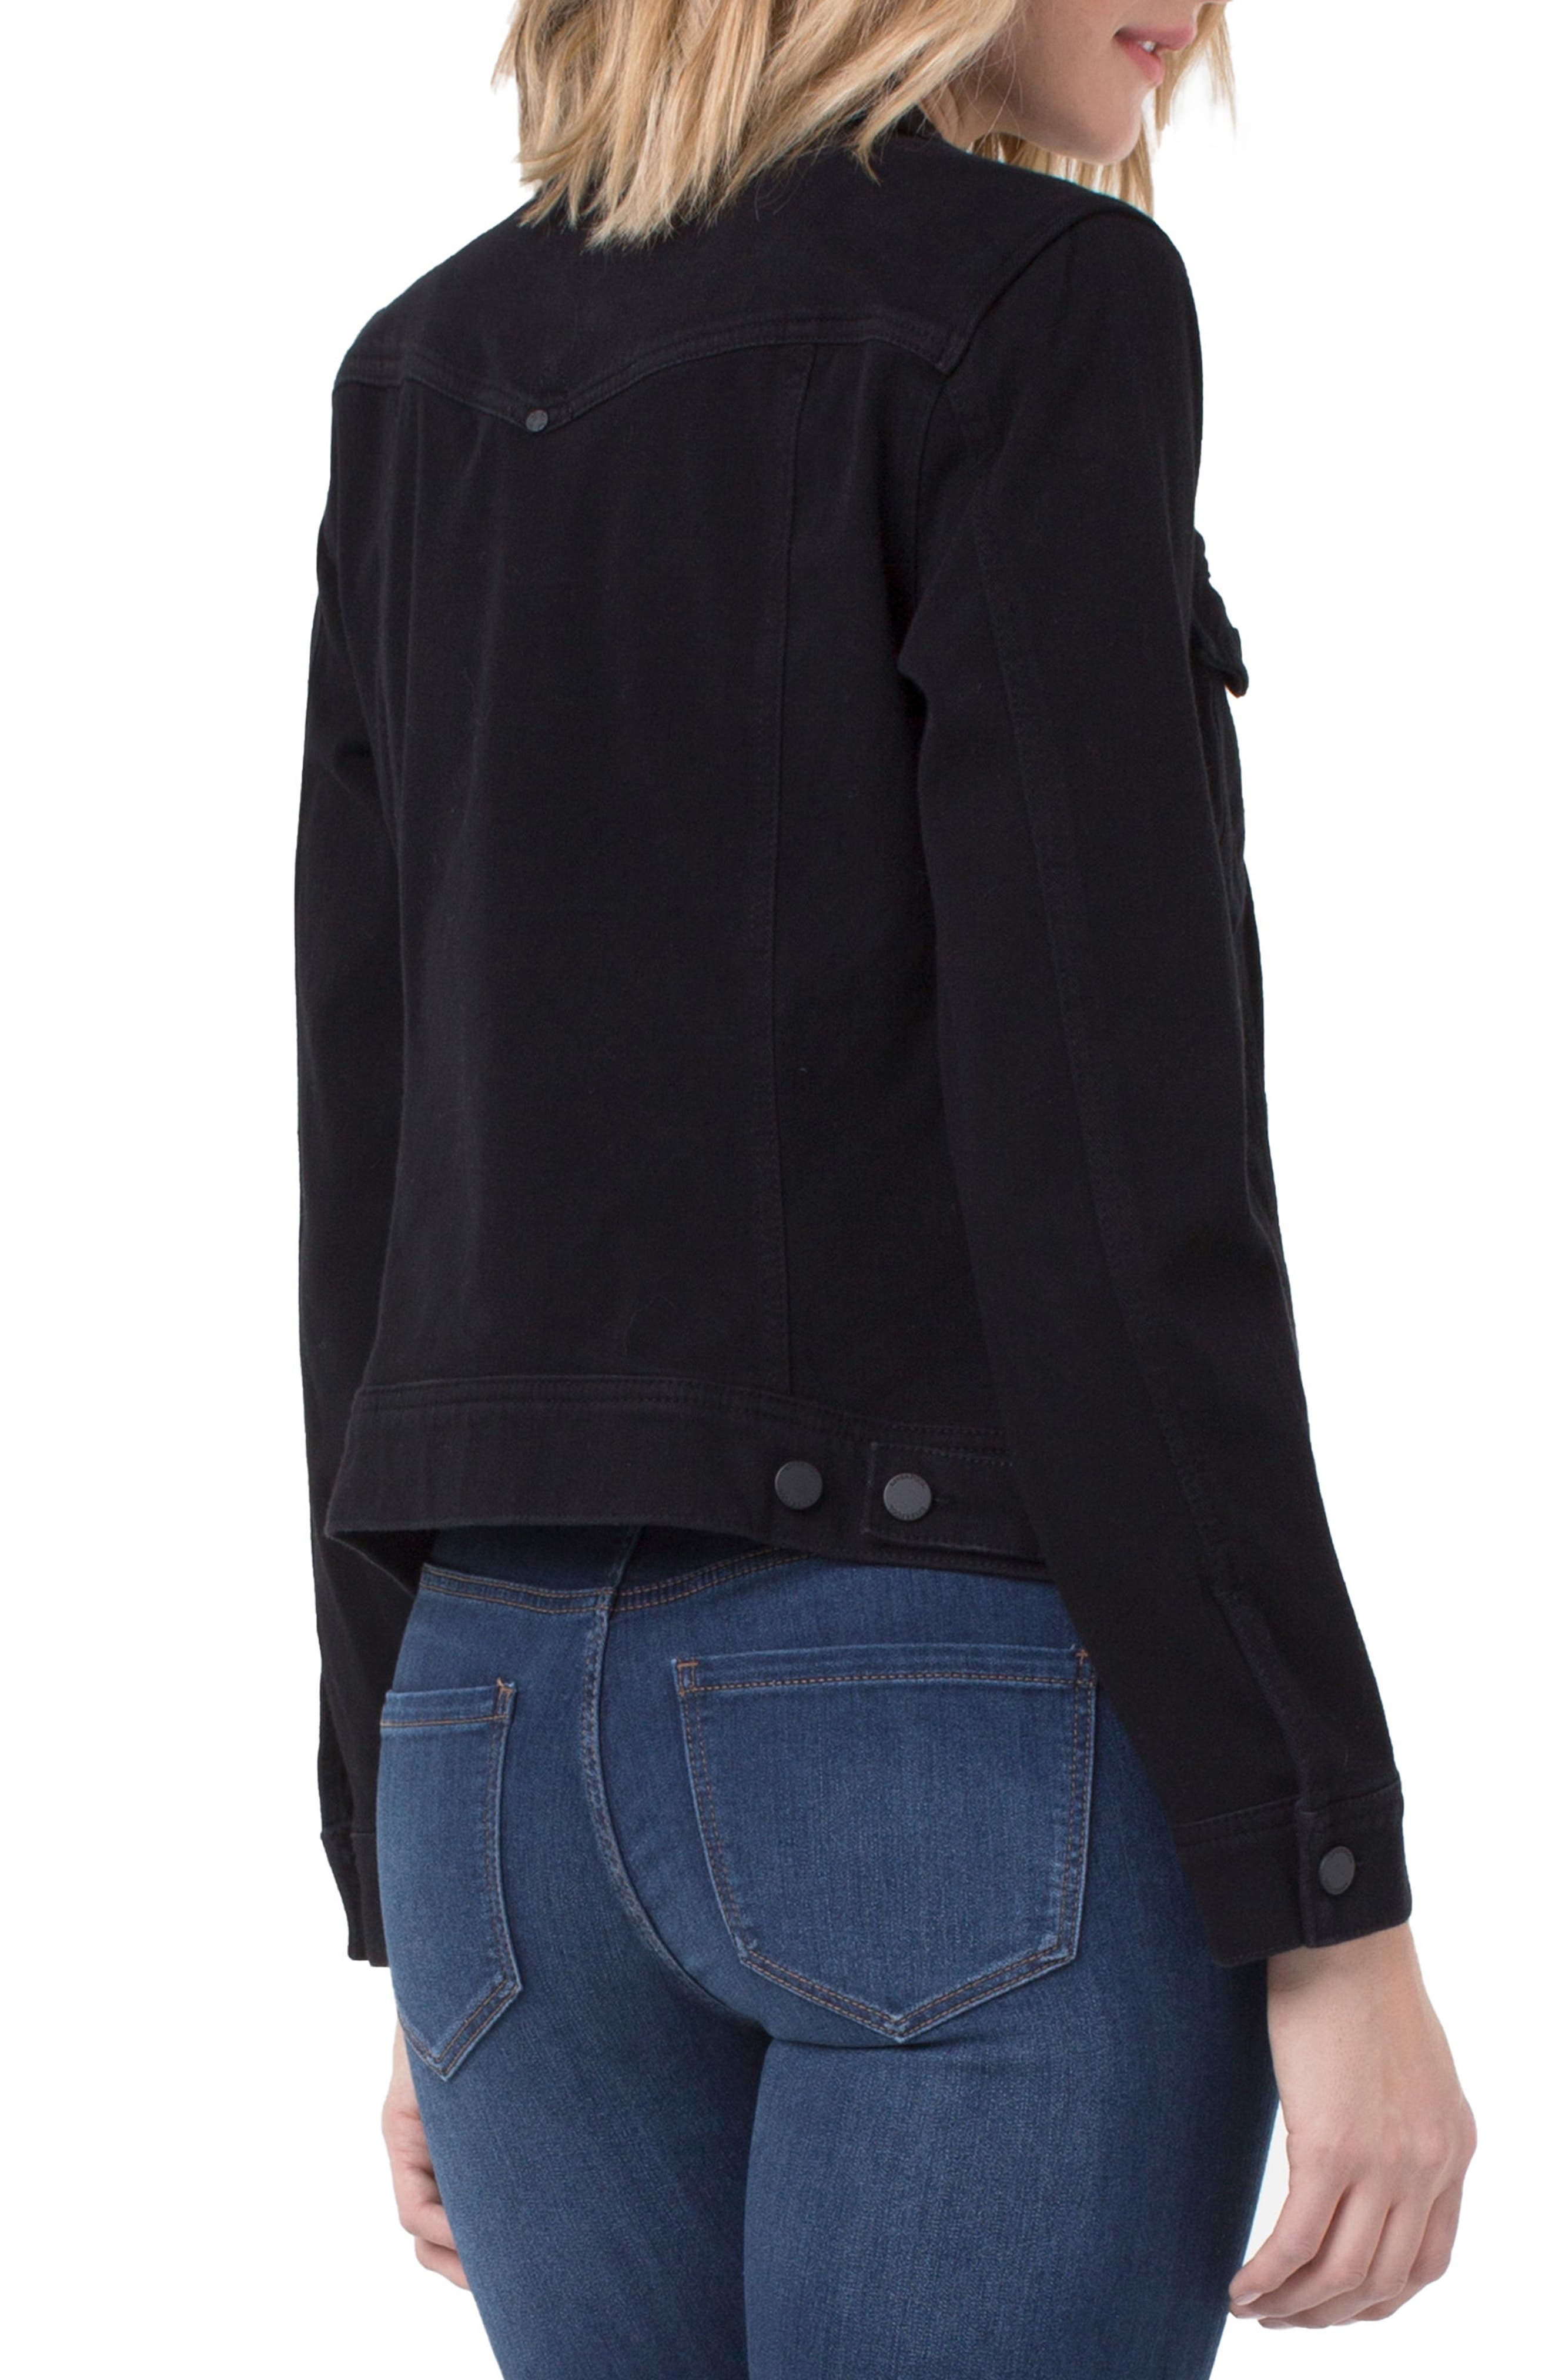 Jeans Co. Knit Denim Jacket,                             Alternate thumbnail 3, color,                             001